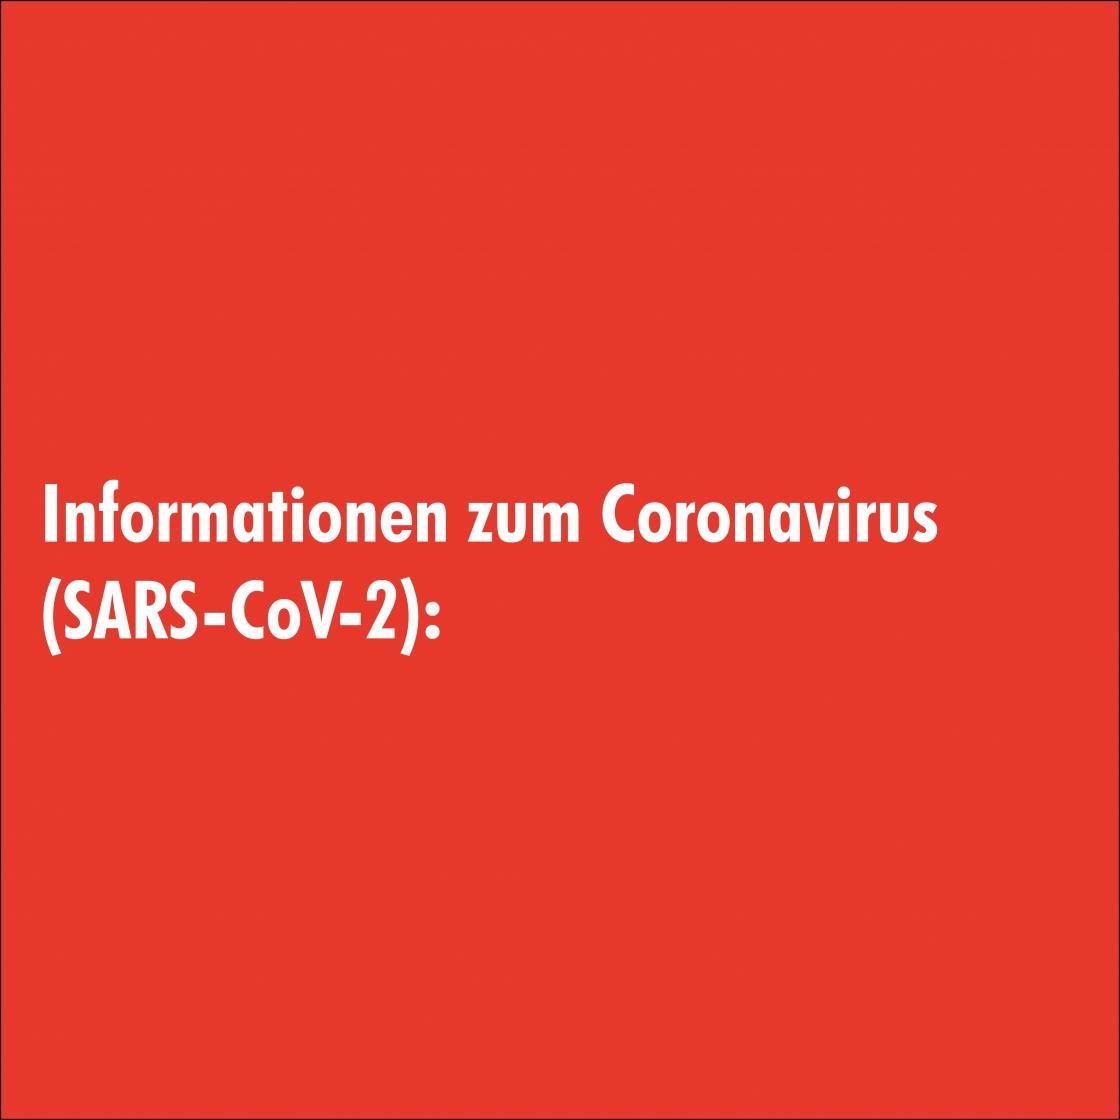 Informationen zum Coronavirus (SARS-CoV-2):